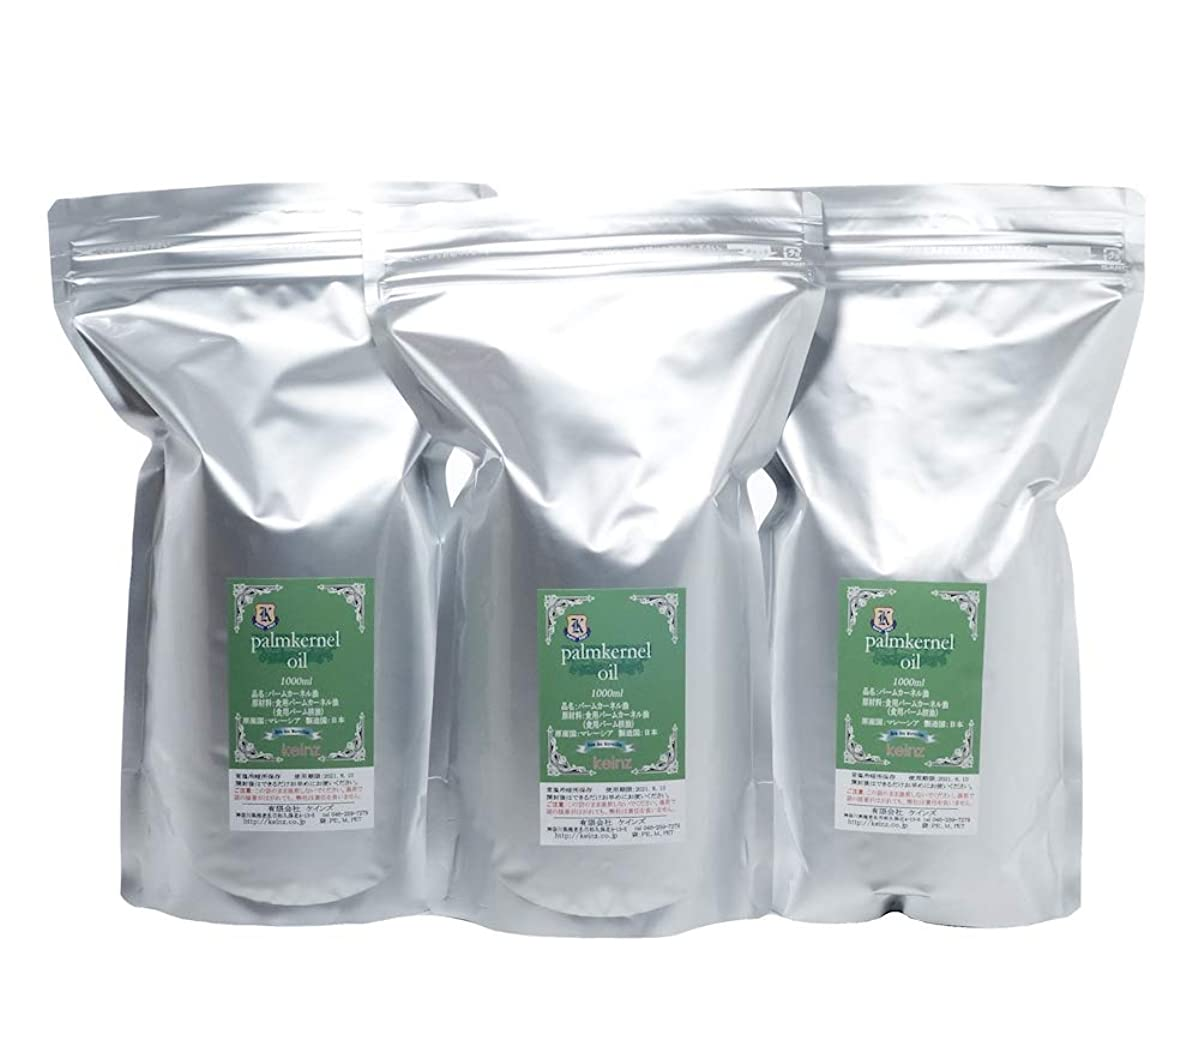 範囲法廷ファッション手作り石けん用 良質新鮮 パーム核(カーネル)オイル 1L ?3個セット(ラベルが新しくなりました) 鹸化価:245 原産国:マレーシア 日本製 固まっている時は袋をナイフでカットして固形オイルを簡単に取り出せます。 液体の時は袋のチャックの上をハサミでカットしてOK. 袋は燃えるゴミで捨てることが出来ます。